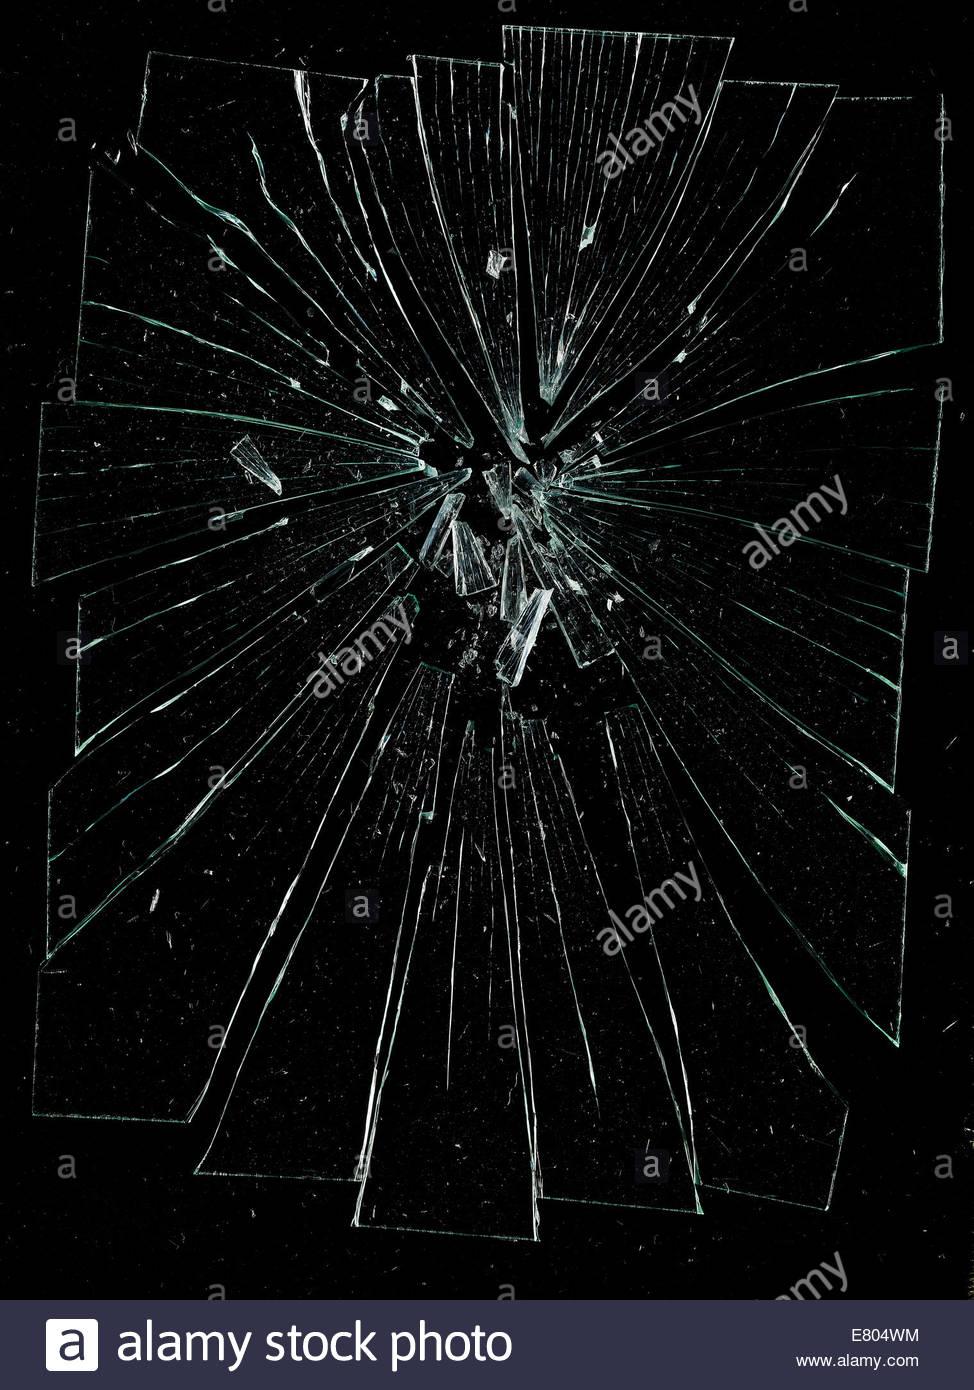 Frantumato in pezzi, spaccate e il vetro rotto su sfondo nero Immagini Stock